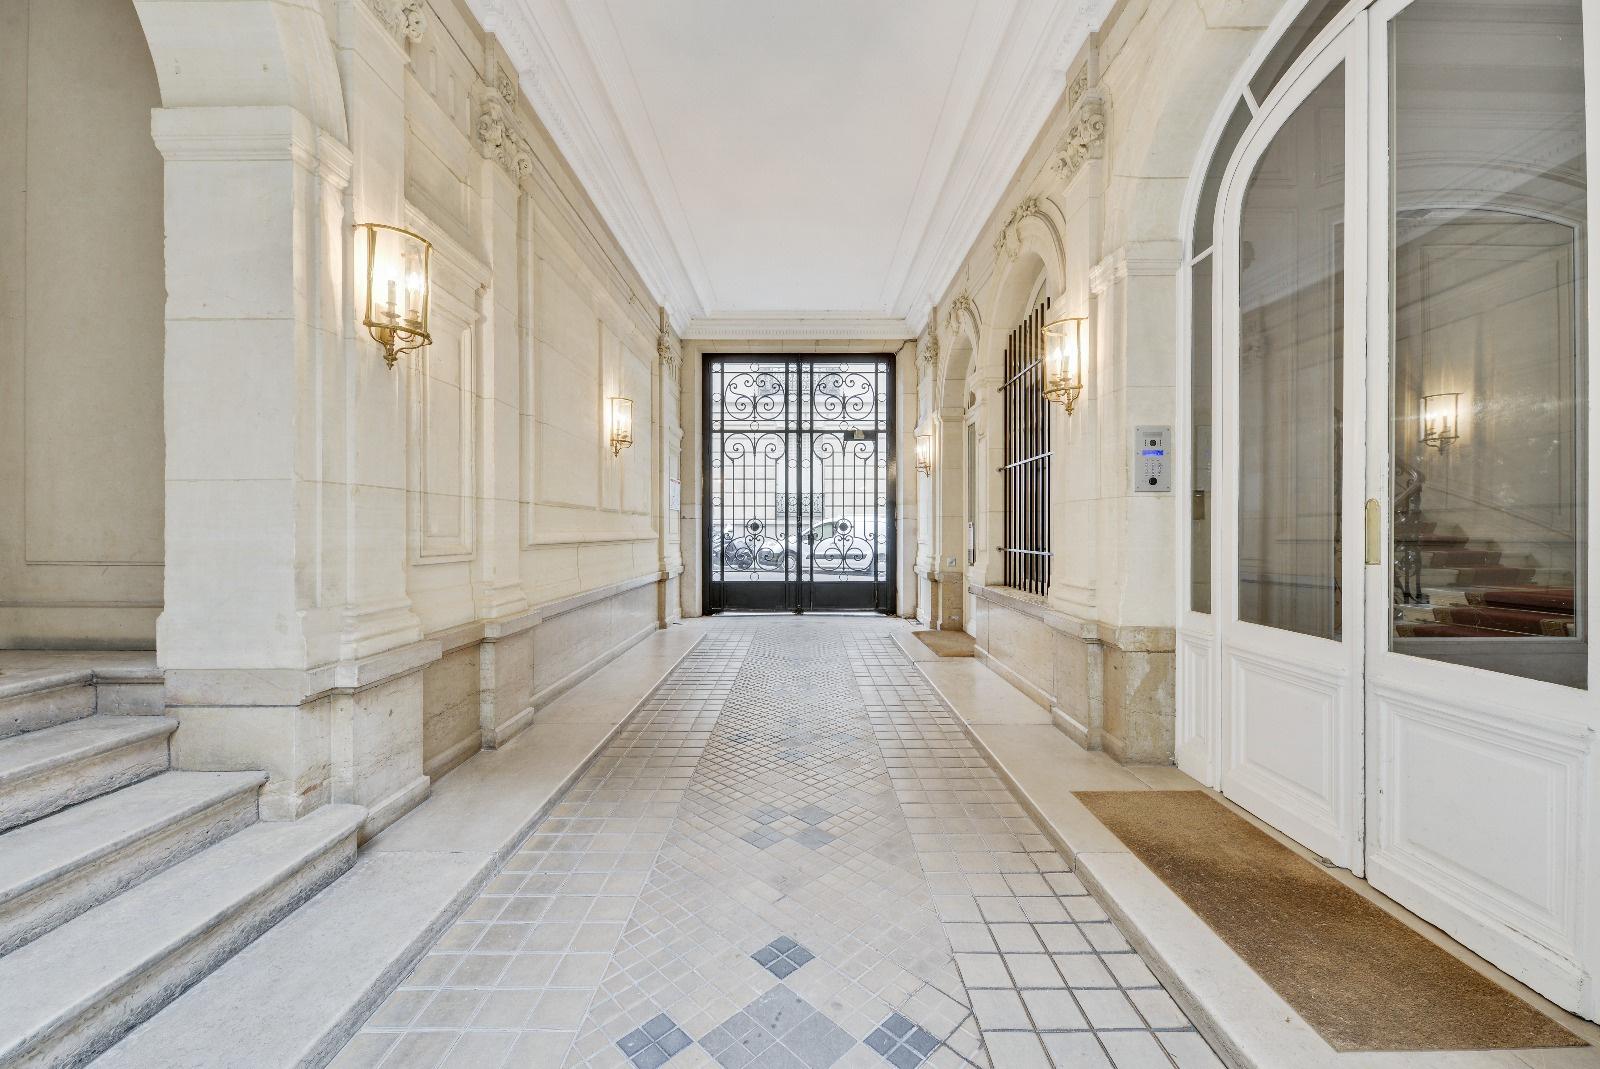 Vente appartement superbe ensemble d 39 appartements meubl s for Biens atypiques paris